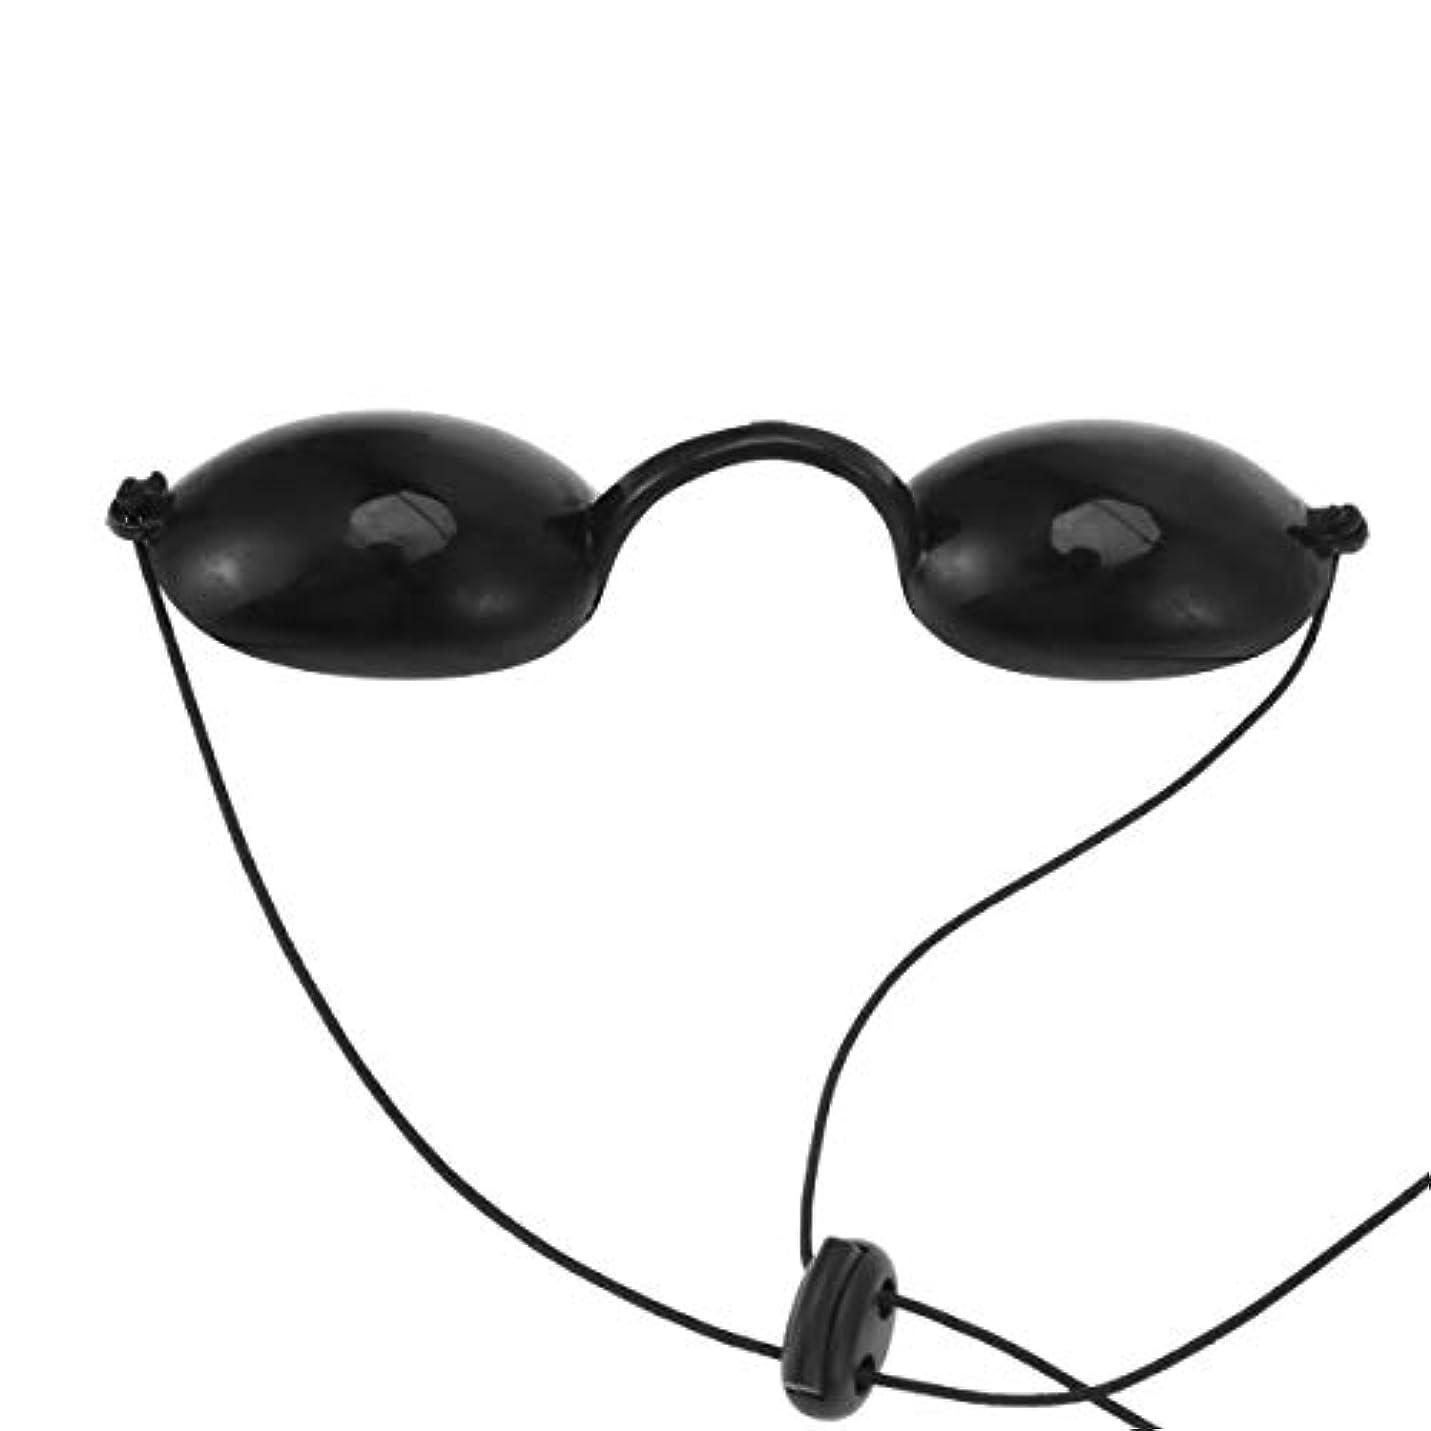 メンダシティ信頼性のあるコメントSUPVOX成人日焼けゴーグルUVプロテクションアイパッチライトセラピーメガネアイカラー(ブラック)